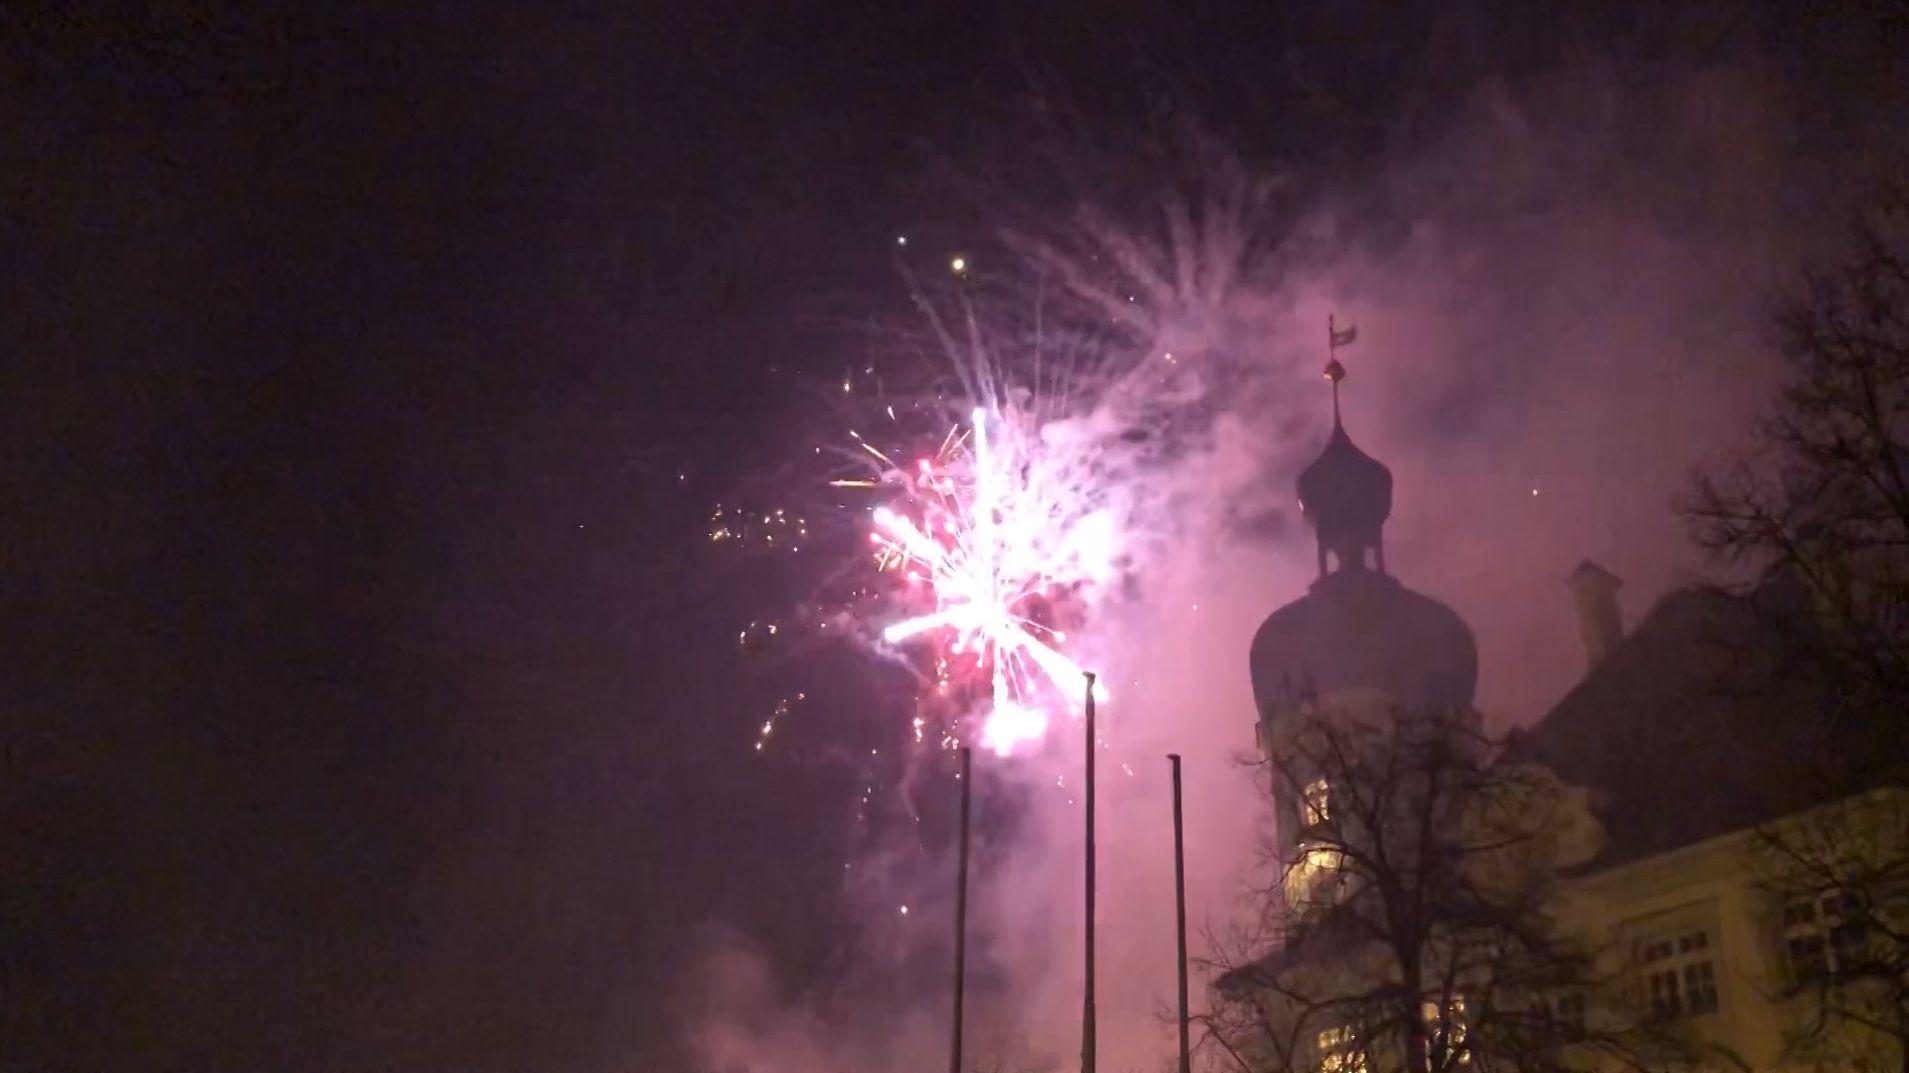 Bayern begrüßt mit Feuerwerken das Jahr 2020